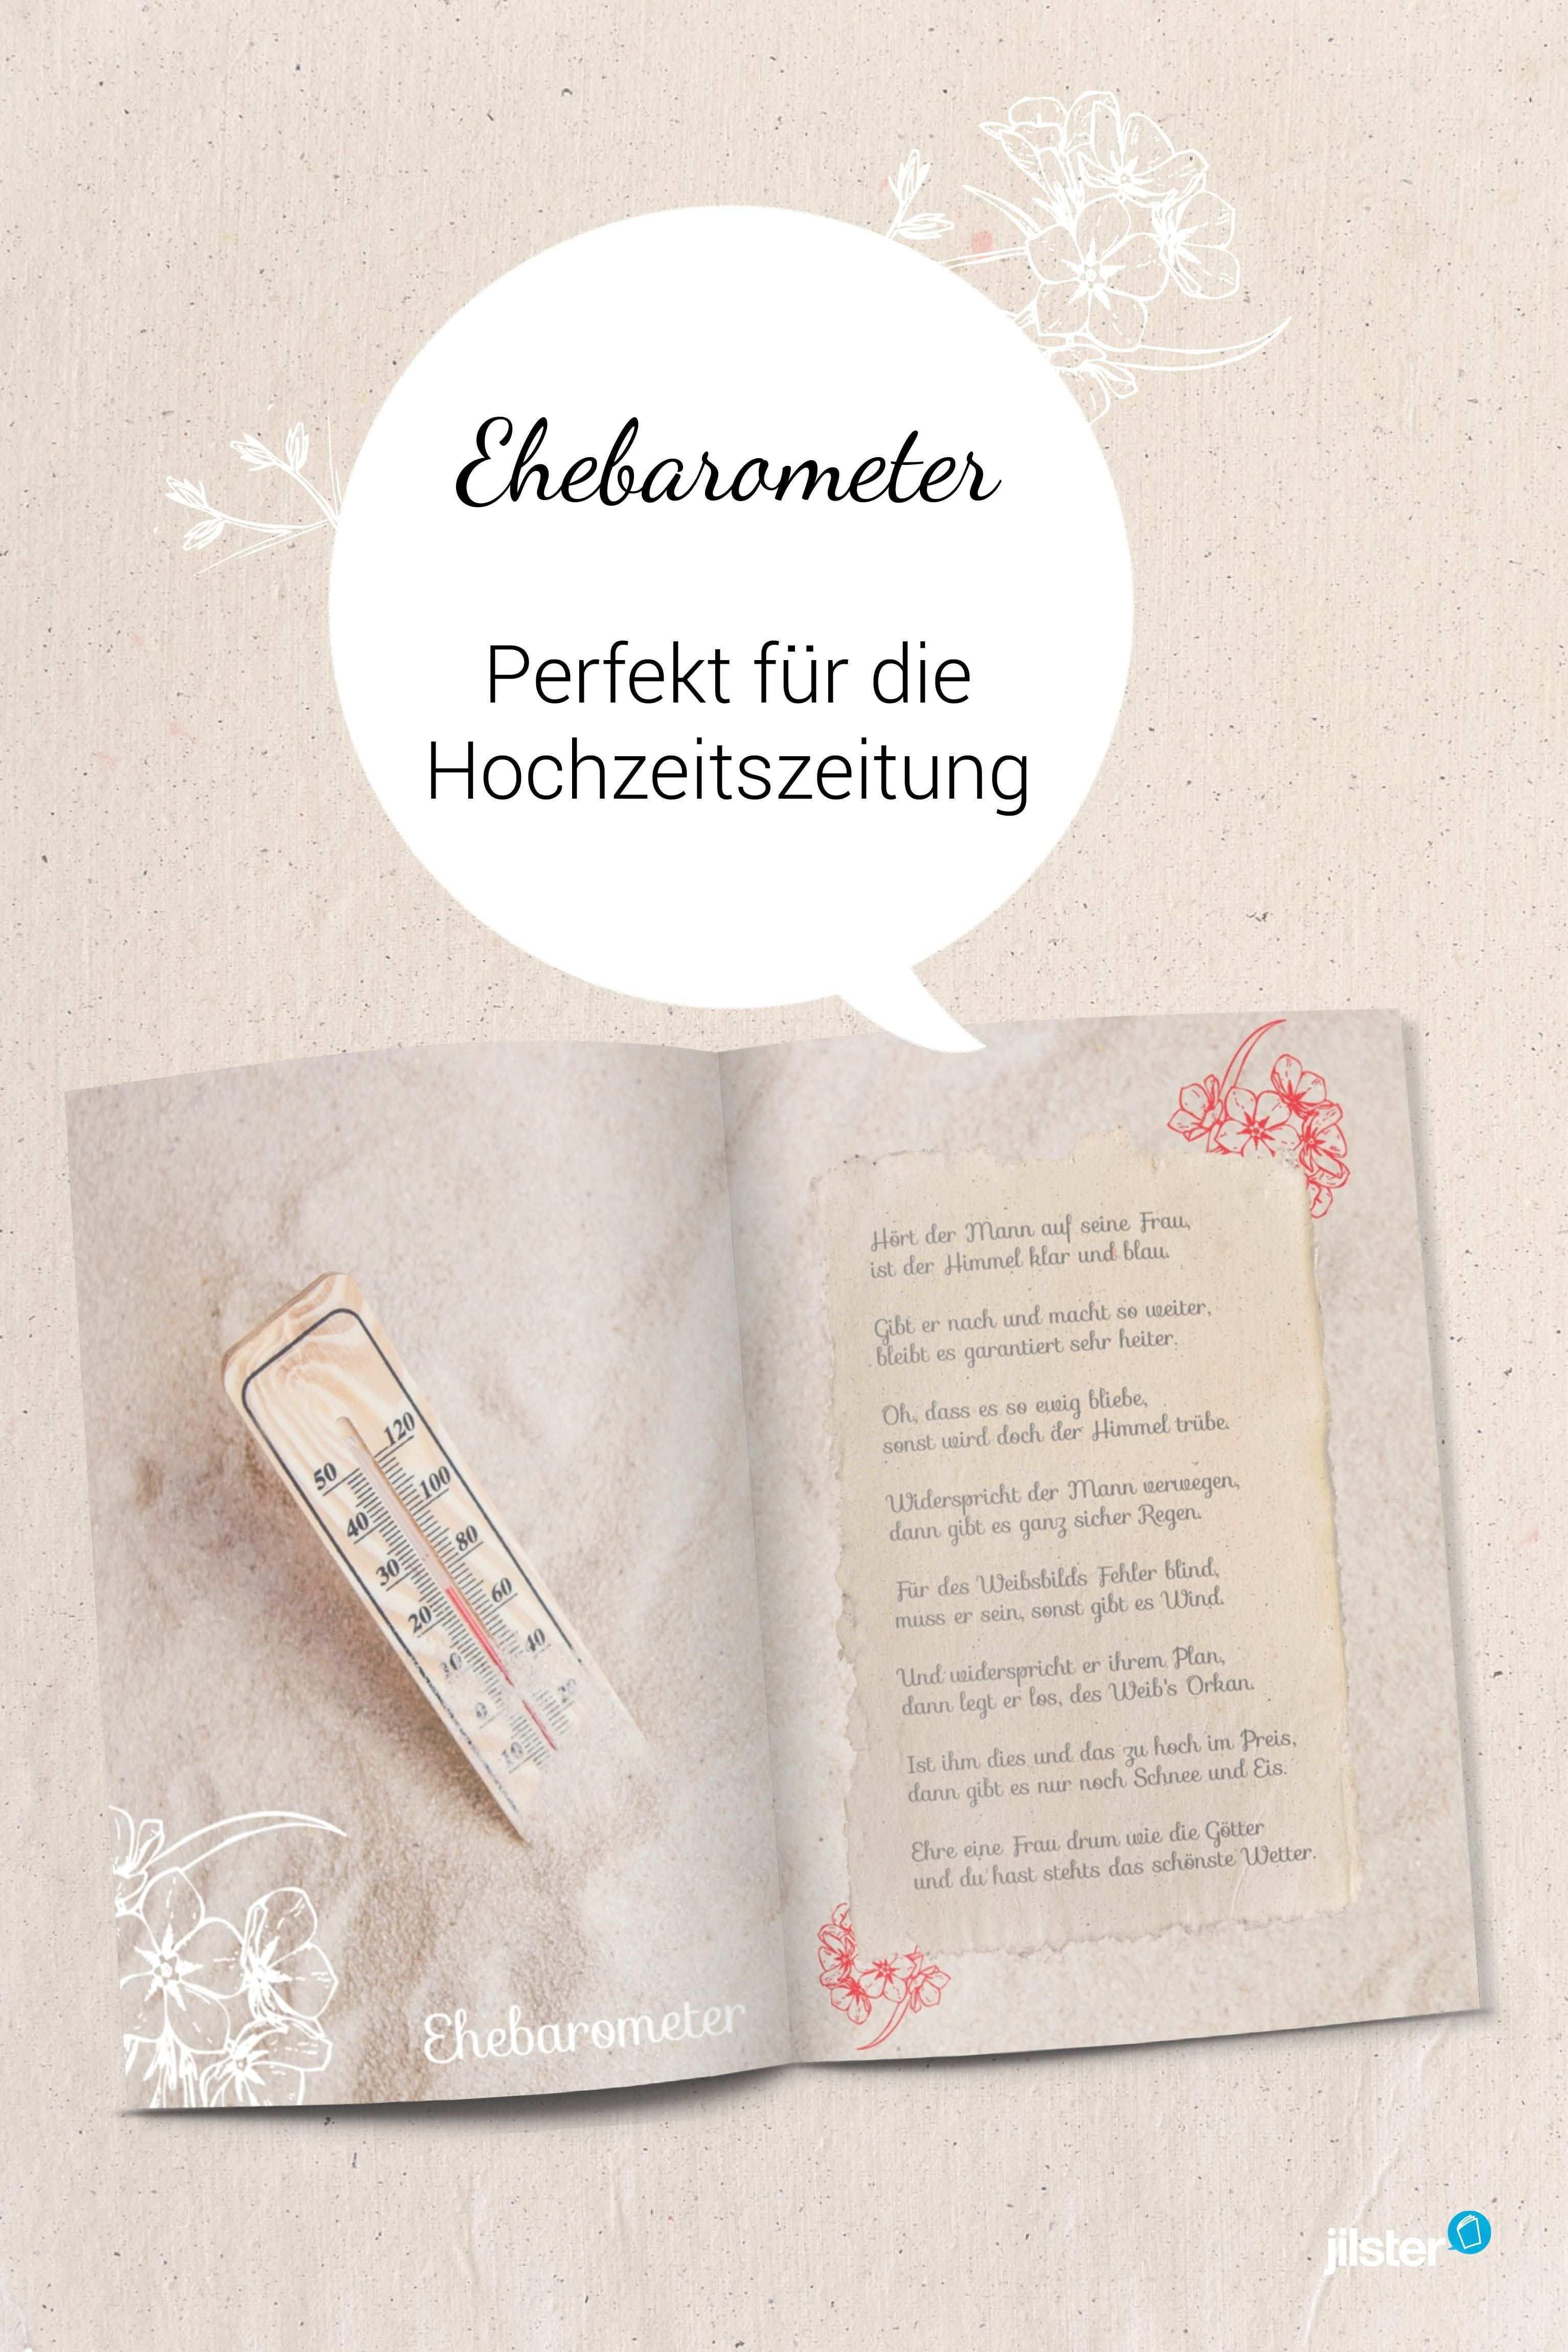 Ehebarometer Fur Die Hochzeitszeitung Jilster Blog Hochzeitszeitung Hochzeitszeitung Ideen Hochzeitszeitung Gestalten